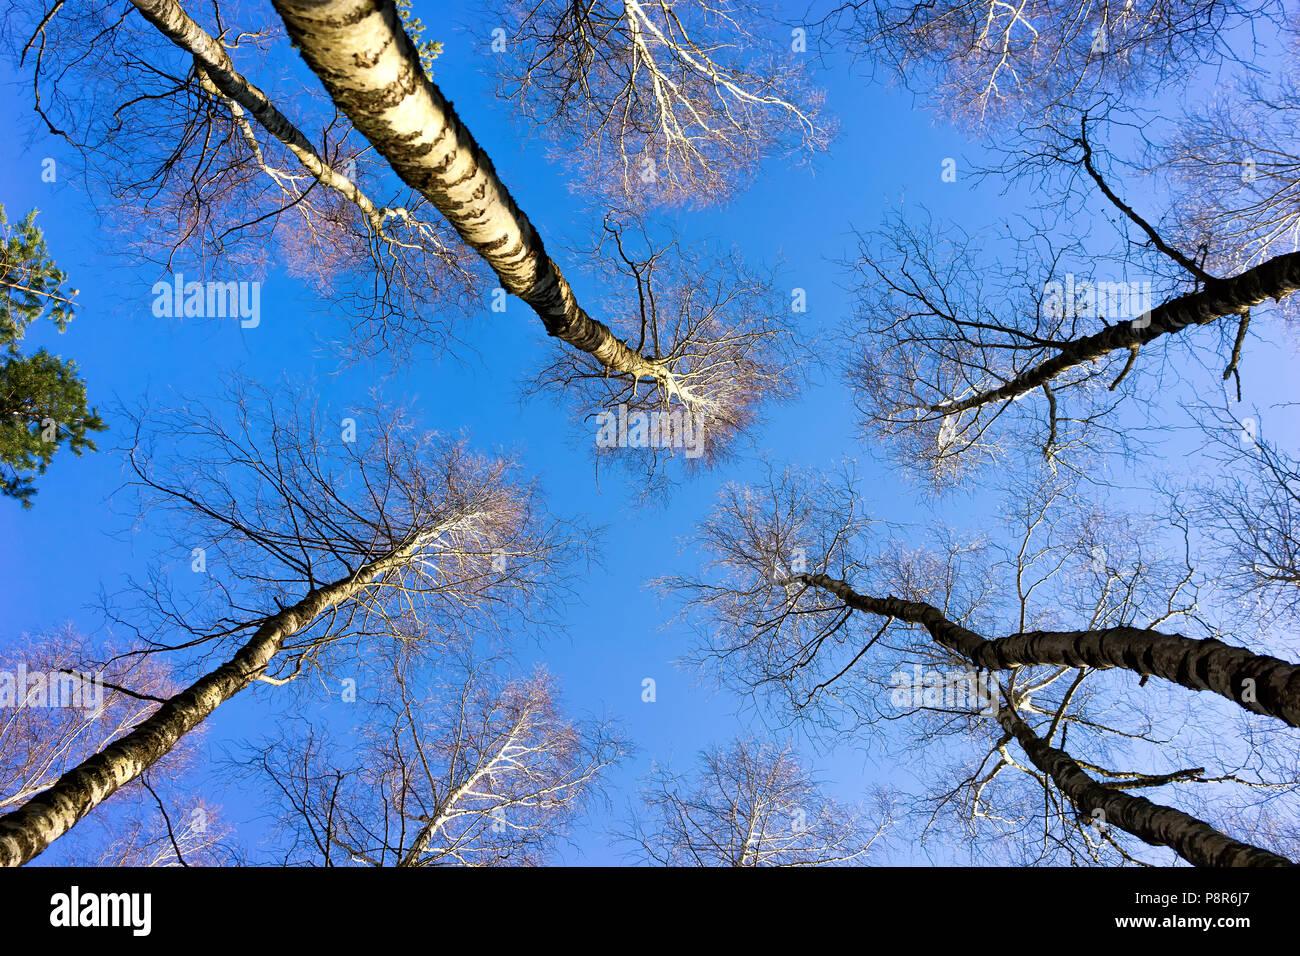 Los árboles sin hojas se extienden al azul del cielo sin nubes a principios de la primavera Imagen De Stock